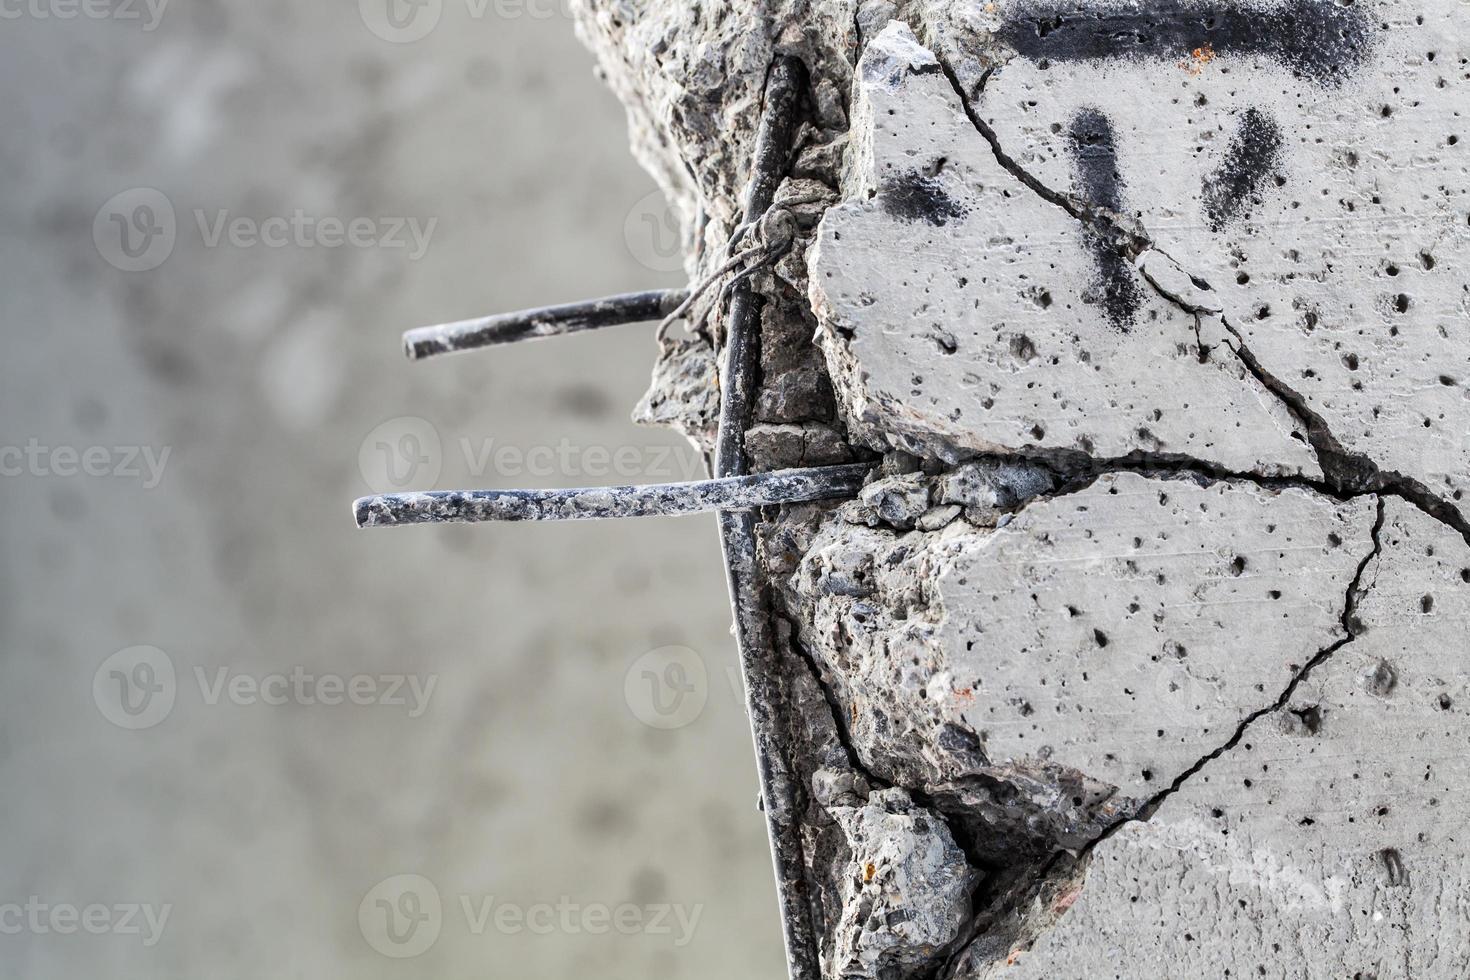 varillas de acero que sobresalen del hormigón agrietado foto